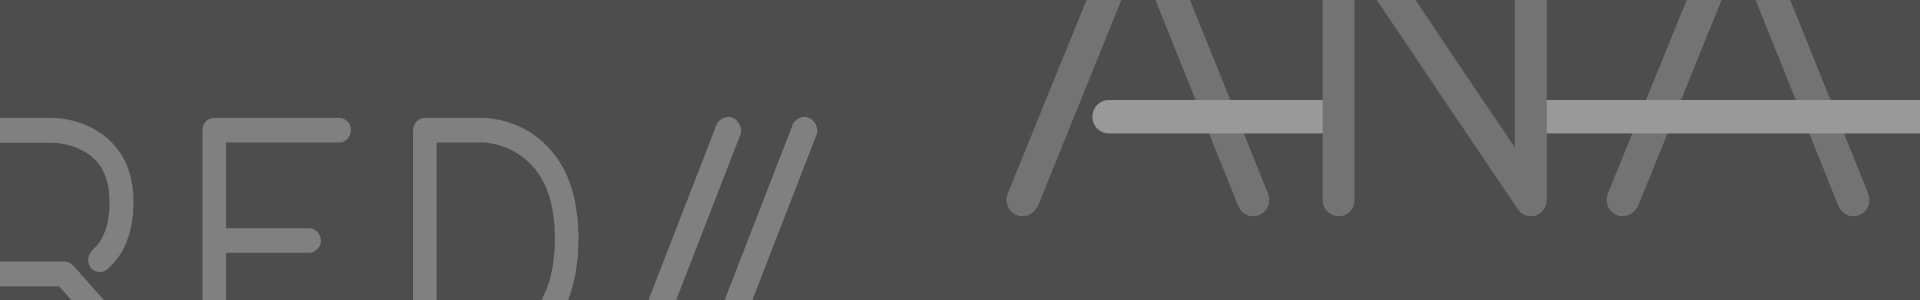 Cabecera gris Anagos